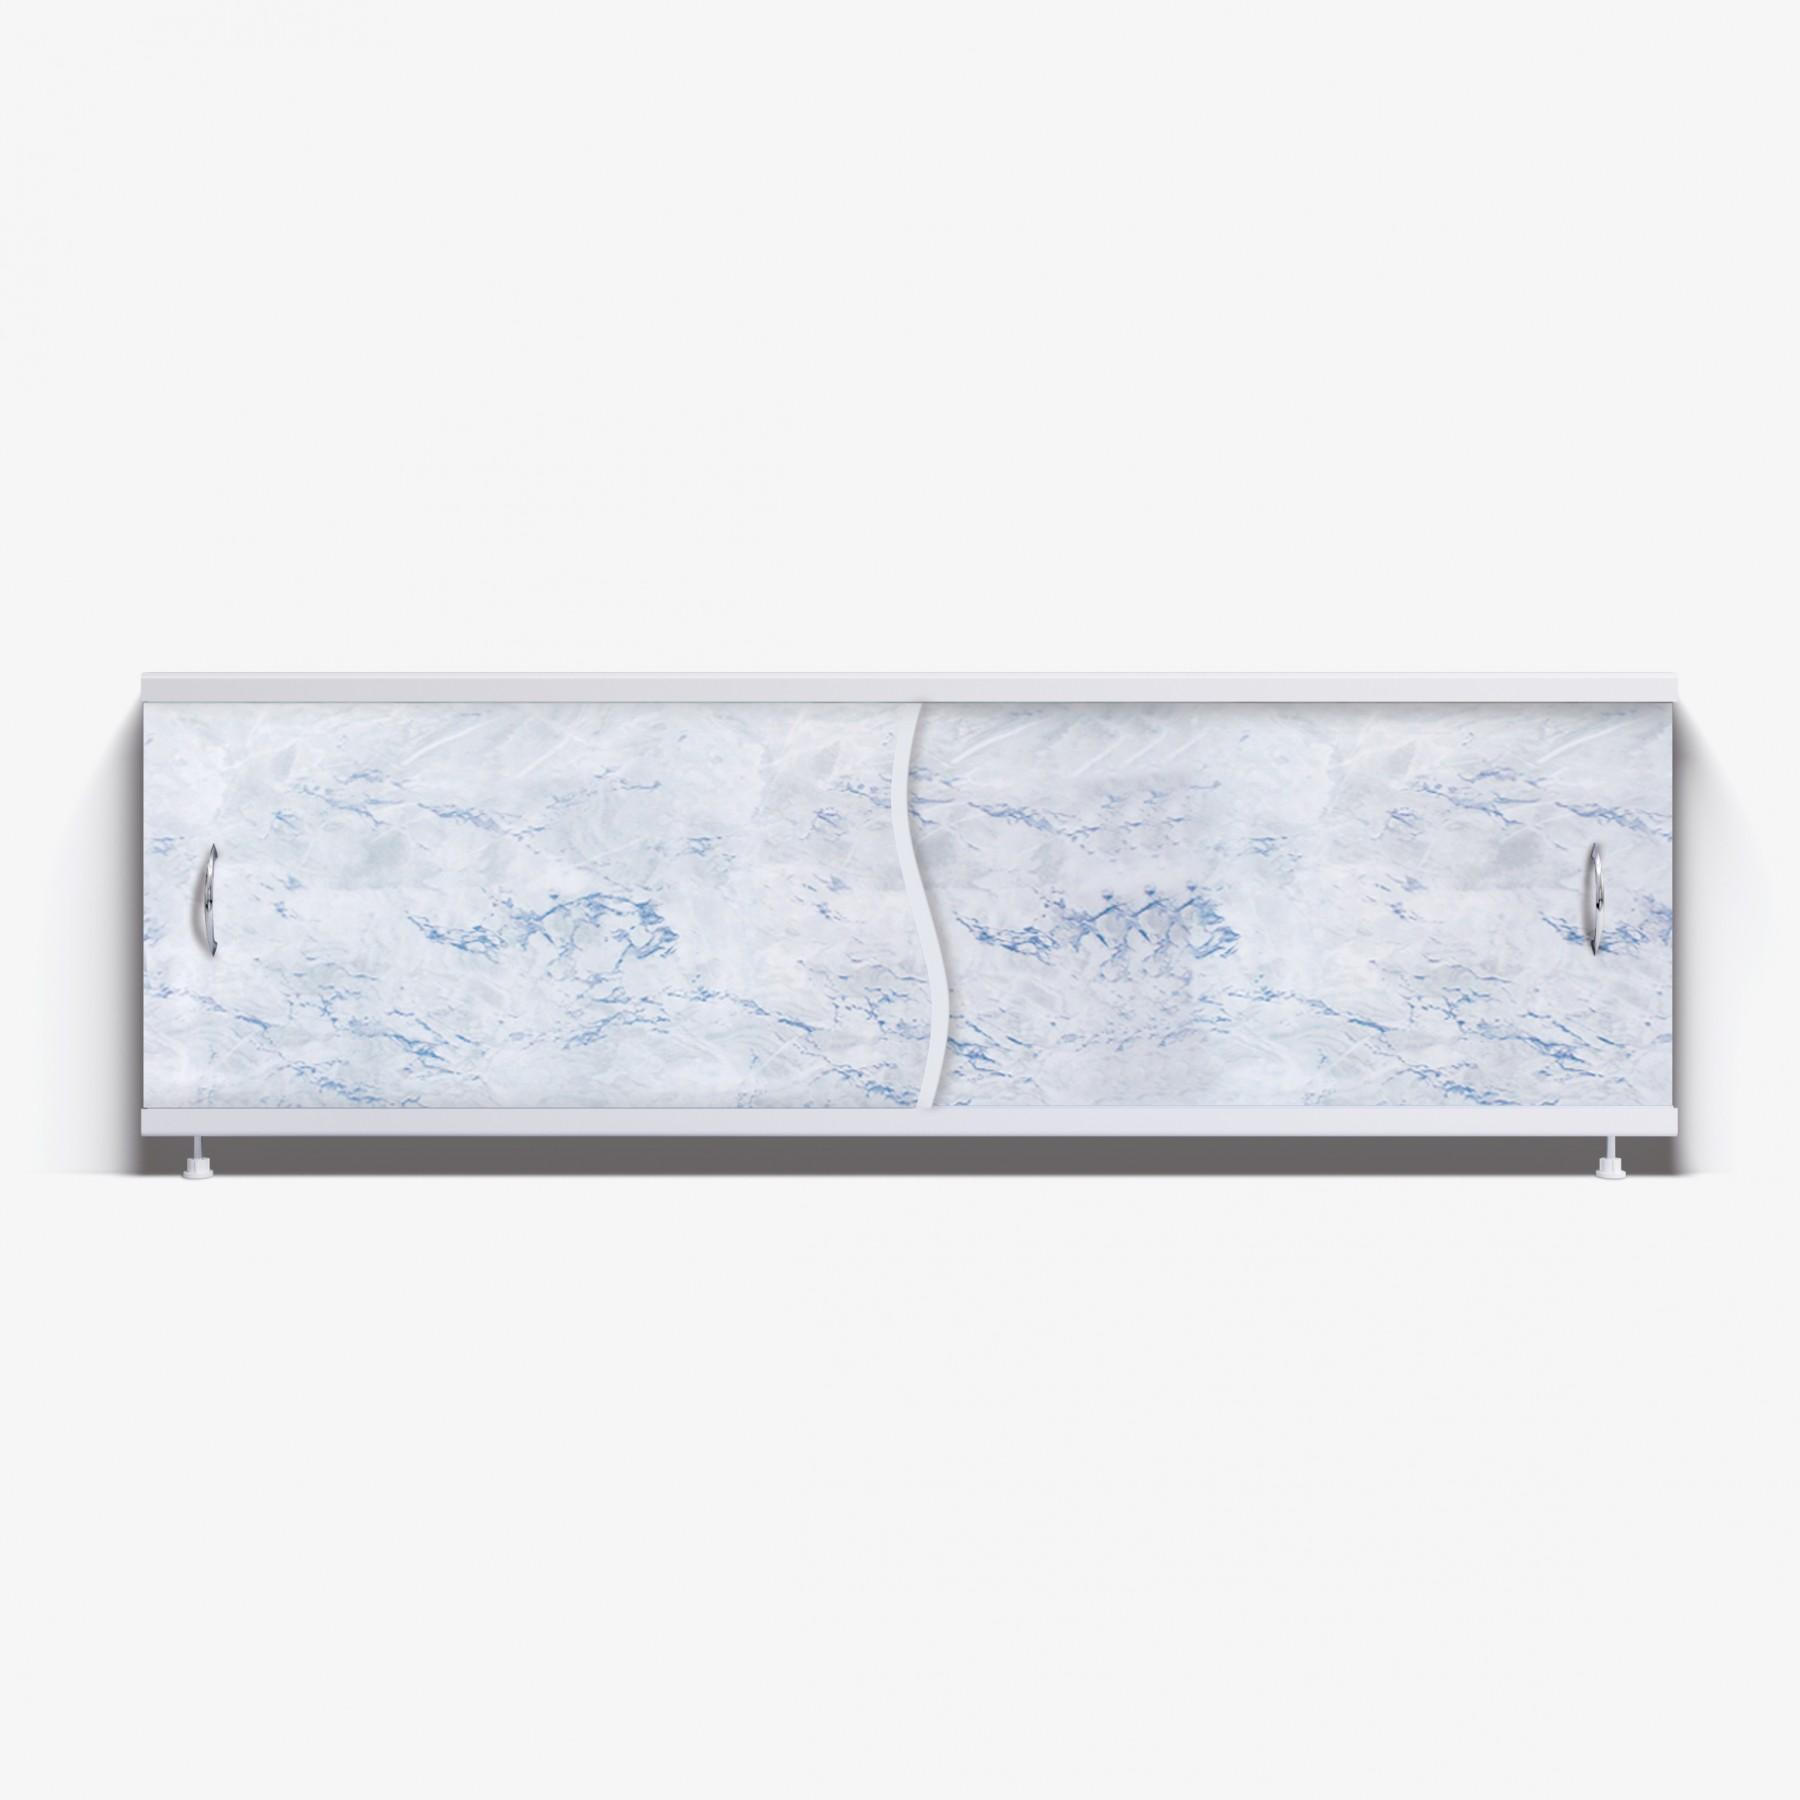 Экран под ванну Премьер 150 серо-голубой мрамор